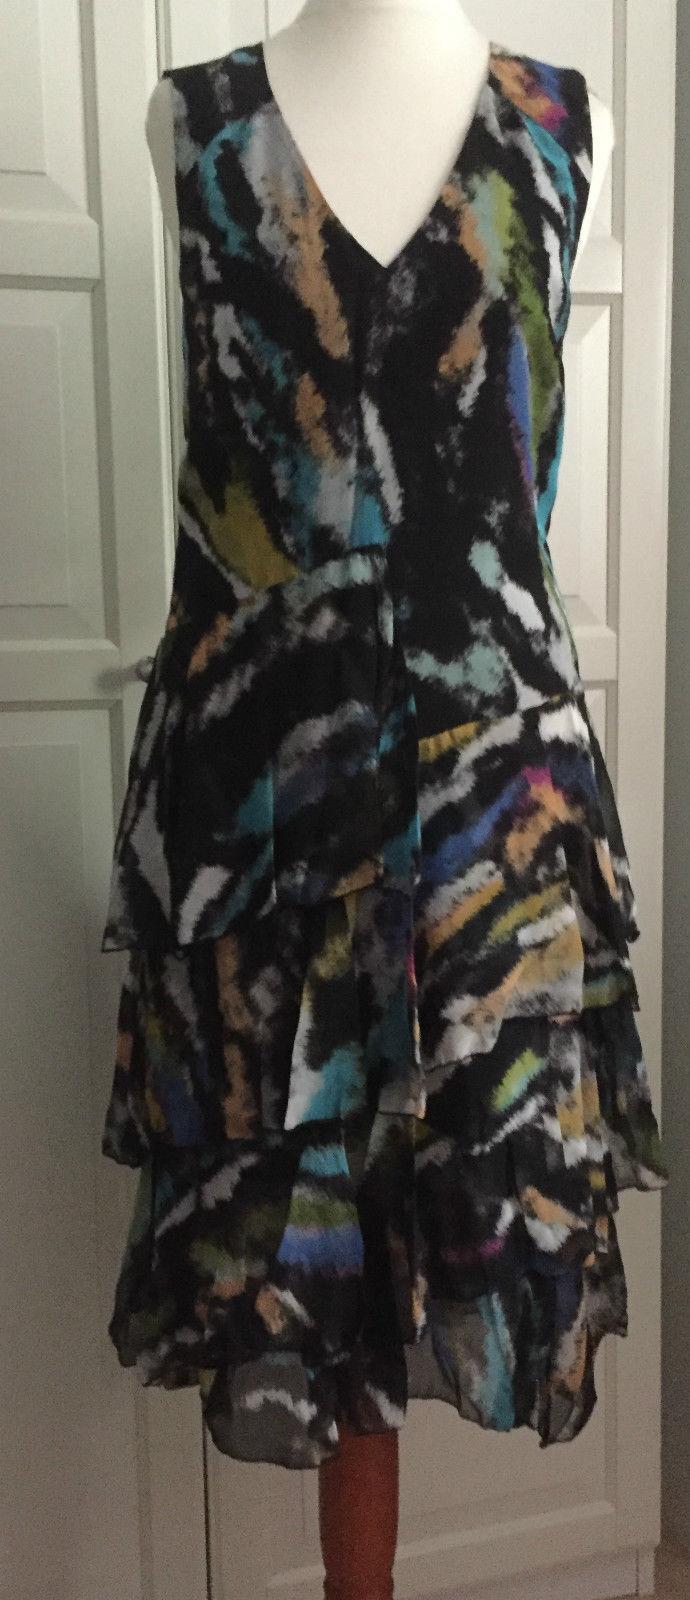 MATTHEW WILLIAMSON for H&M Kleid Dress Volantkleid Seide silk size US 8